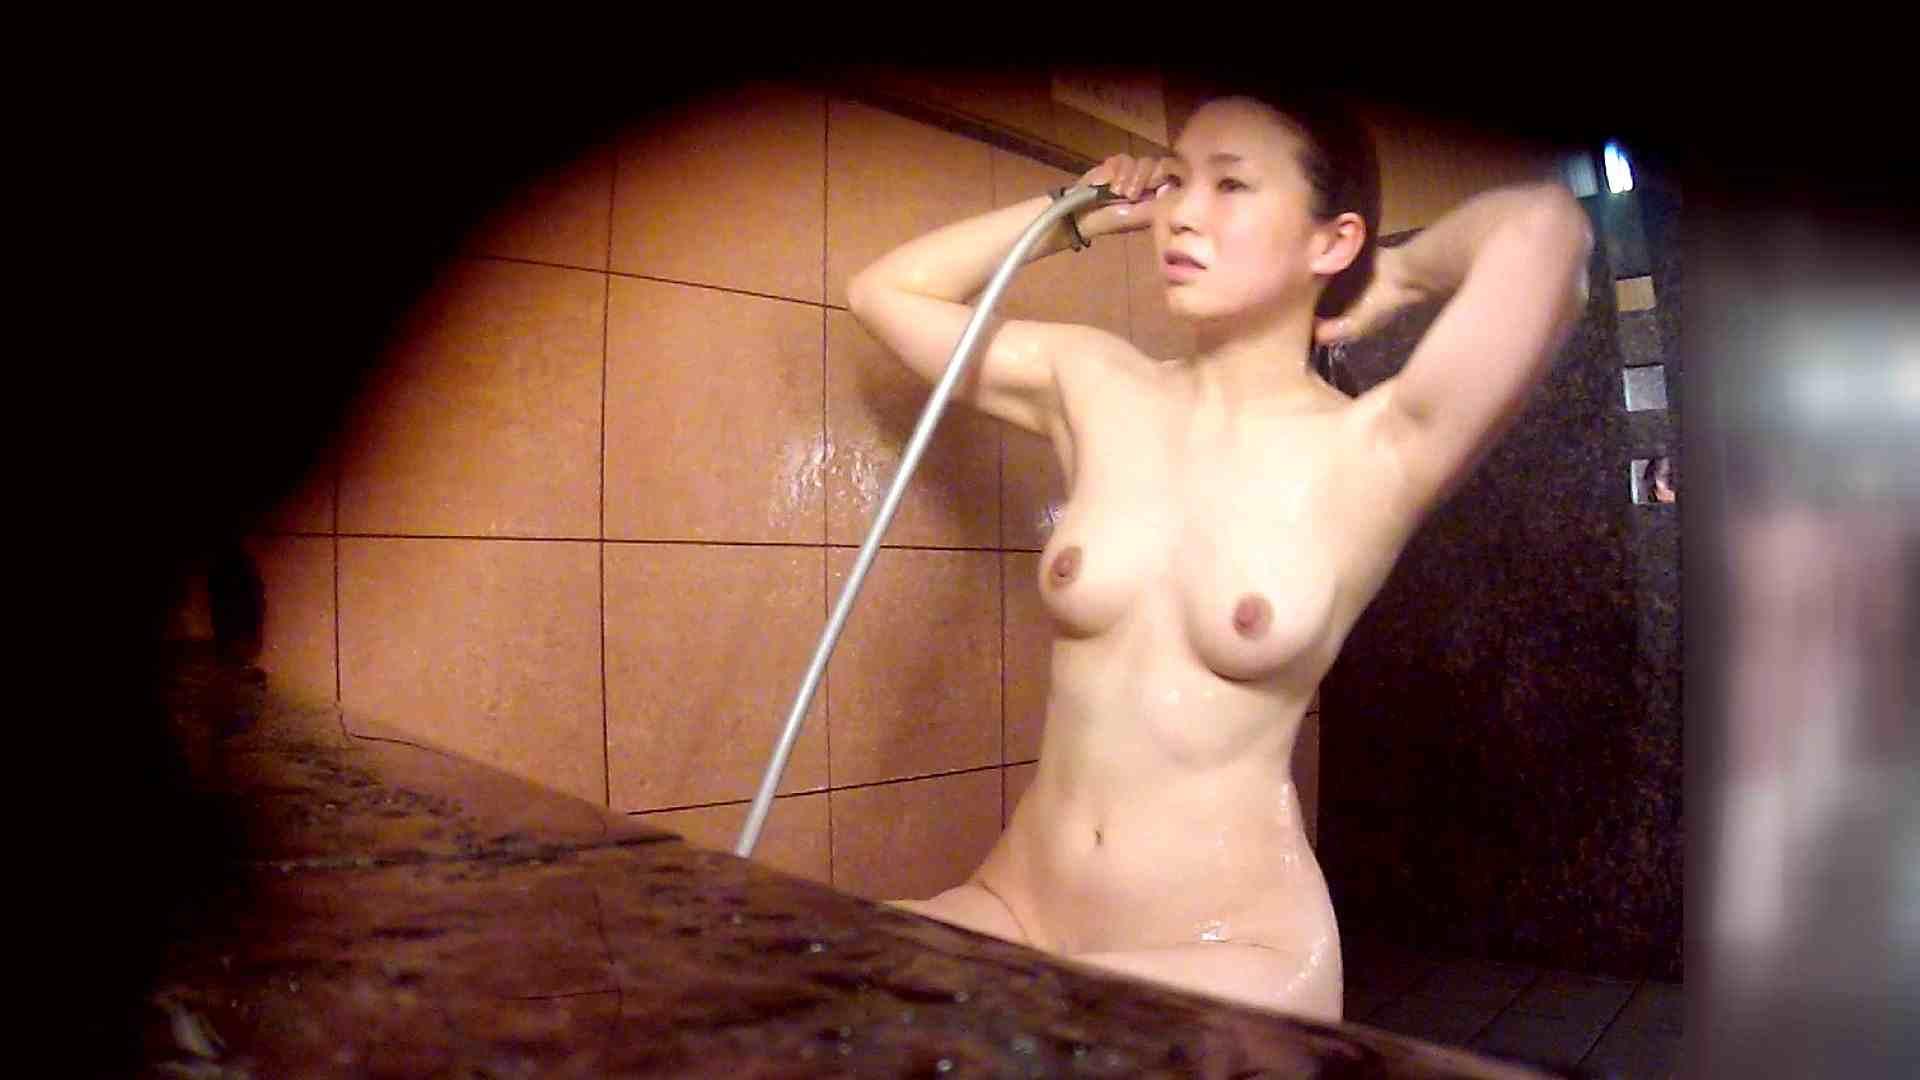 洗い場!マッスルお嬢さん!でもオッパイだけは柔らかそうです。 銭湯   潜入エロ調査  53連発 45